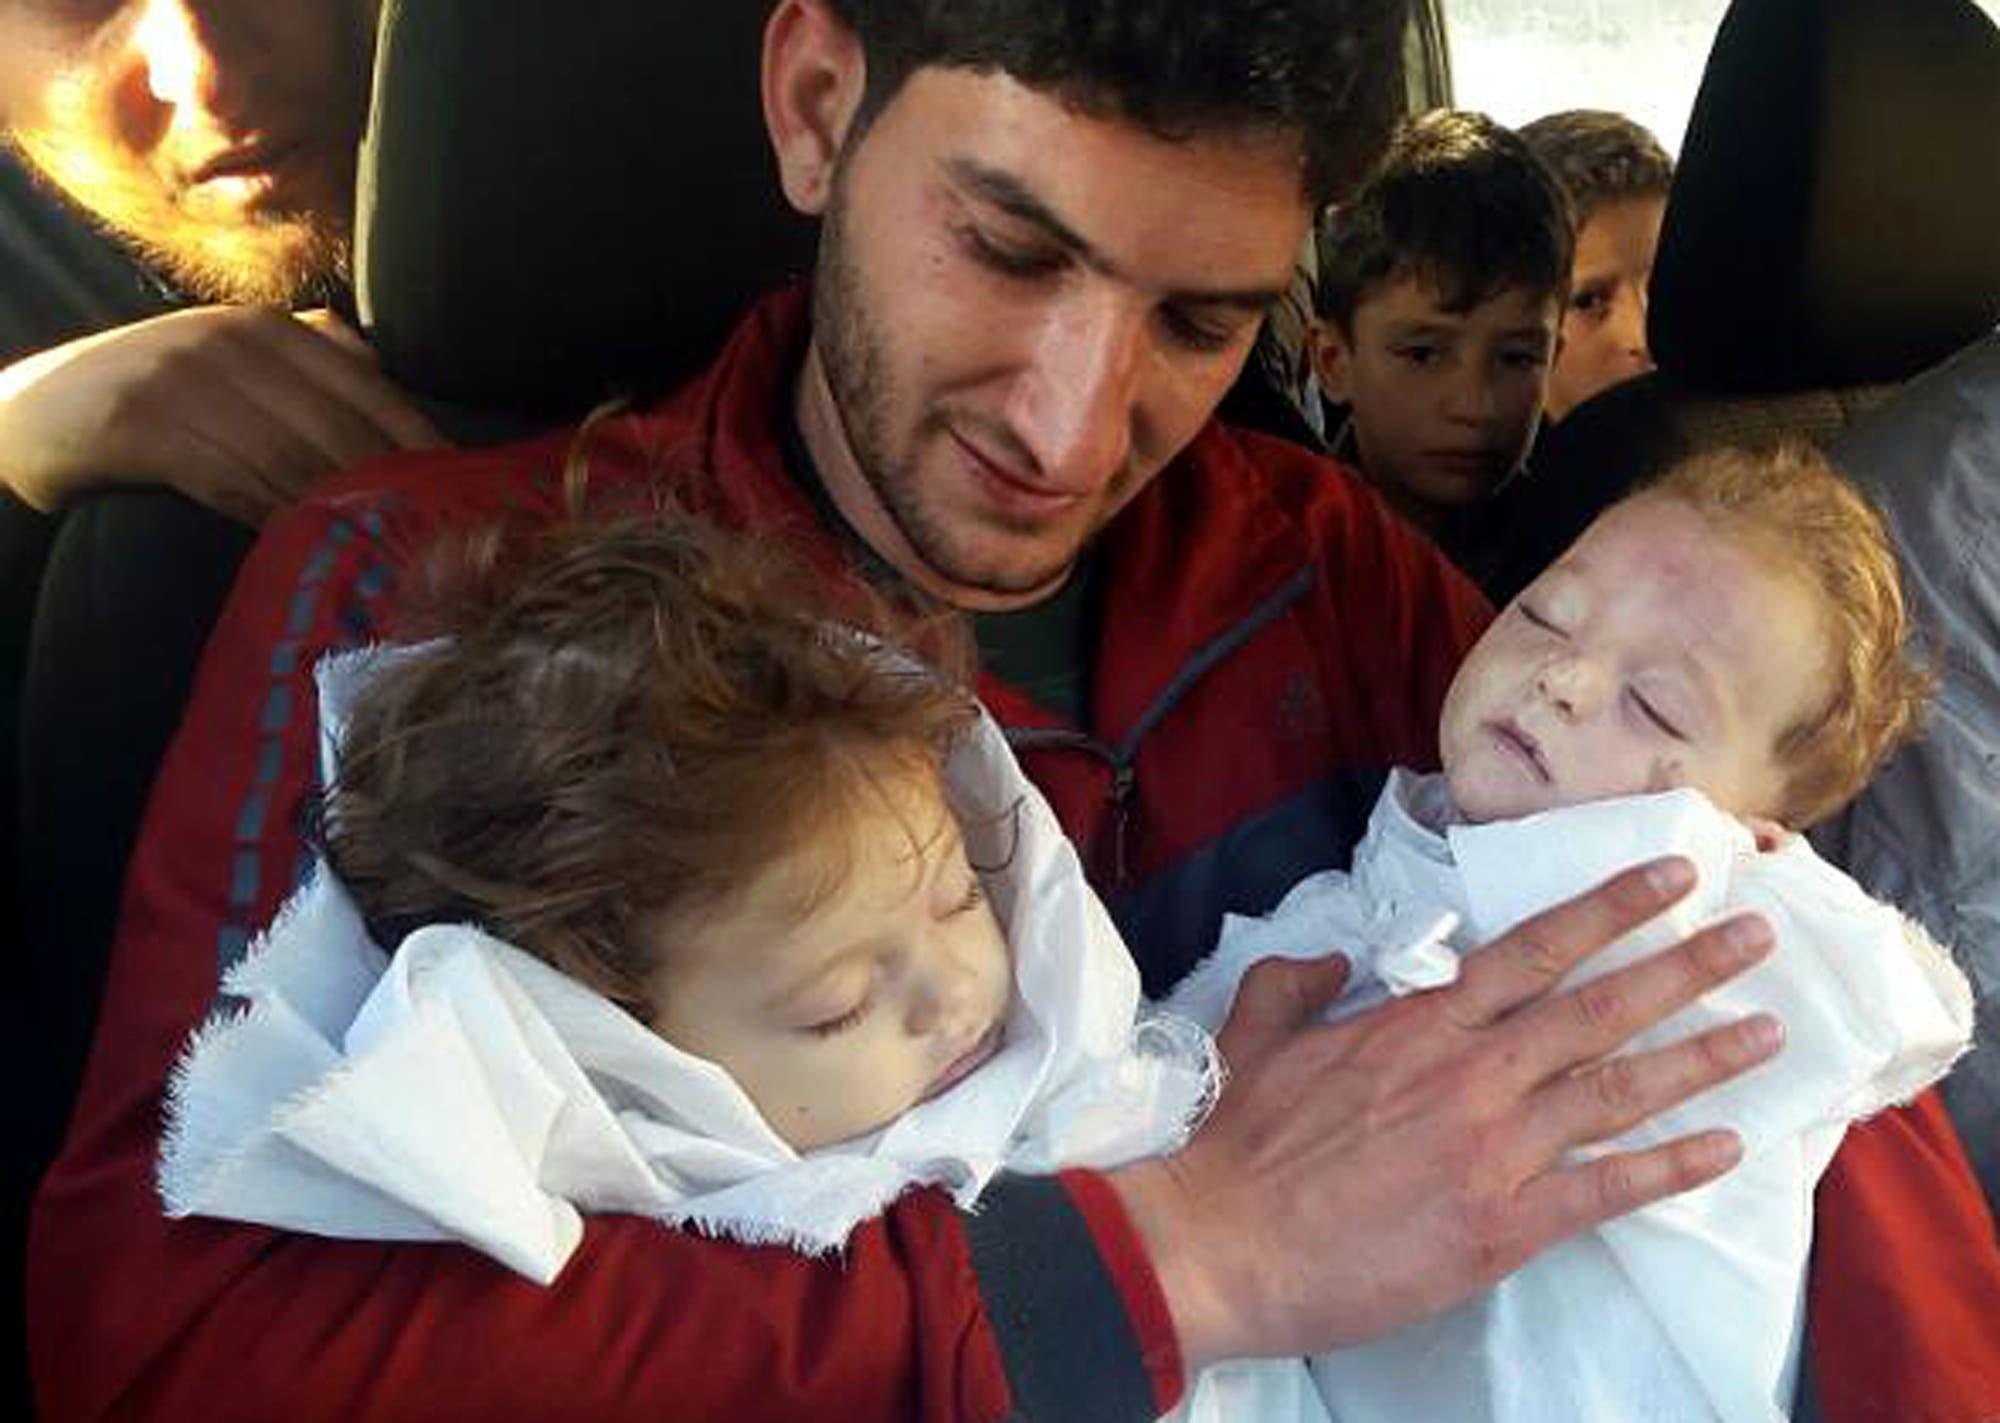 أسماء الأسد دافعت عن نظام الأسد في مجزرة خان شيخون الكيماوية